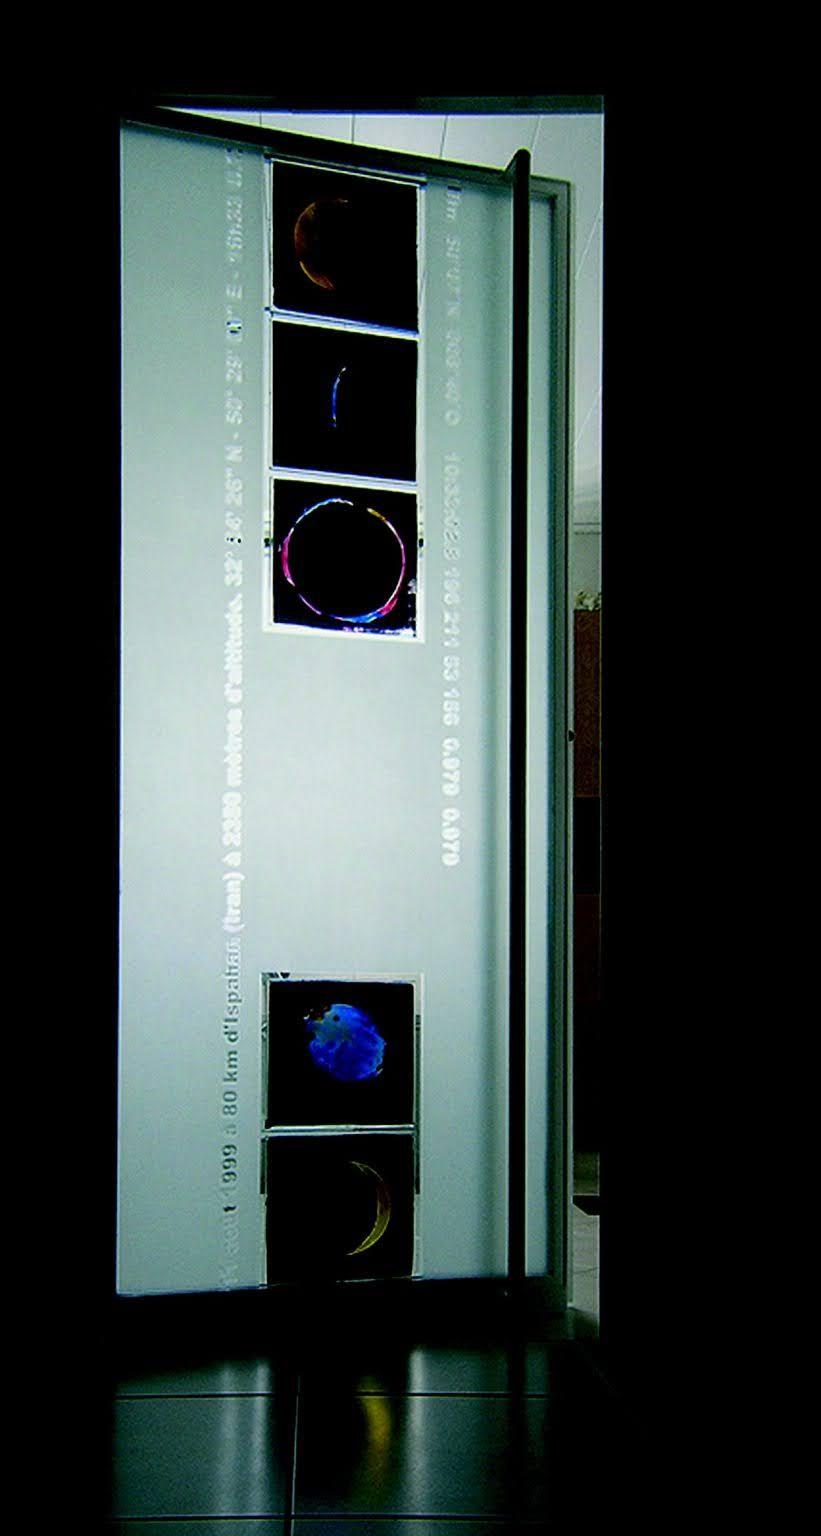 Mondfinsternis Glastür Nabo Gaß